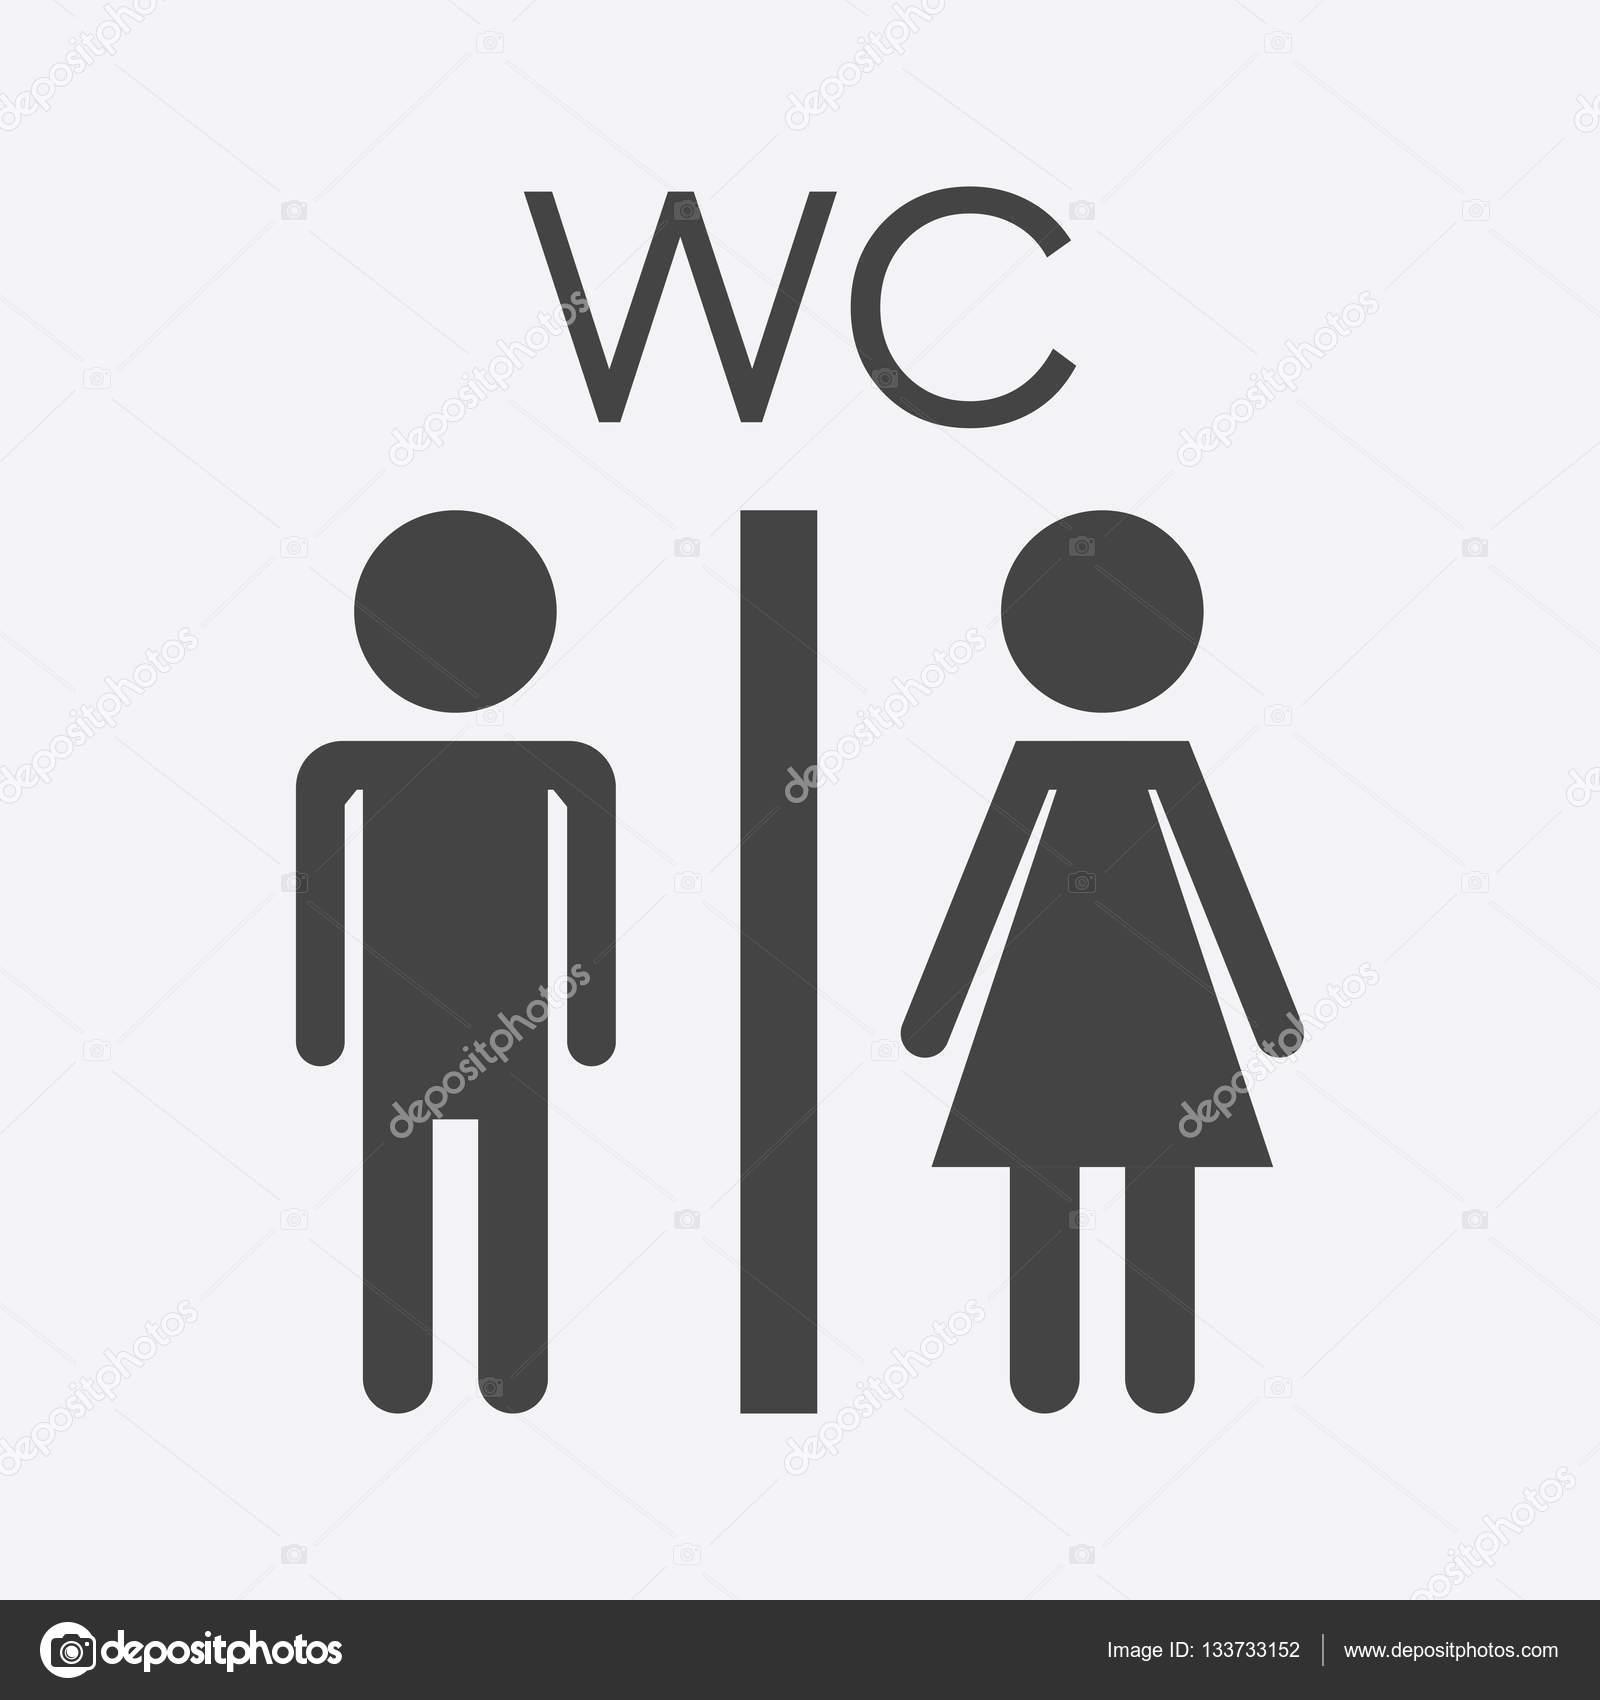 WC vectorial, icono de baño sobre fondo blanco. Pictograma ...